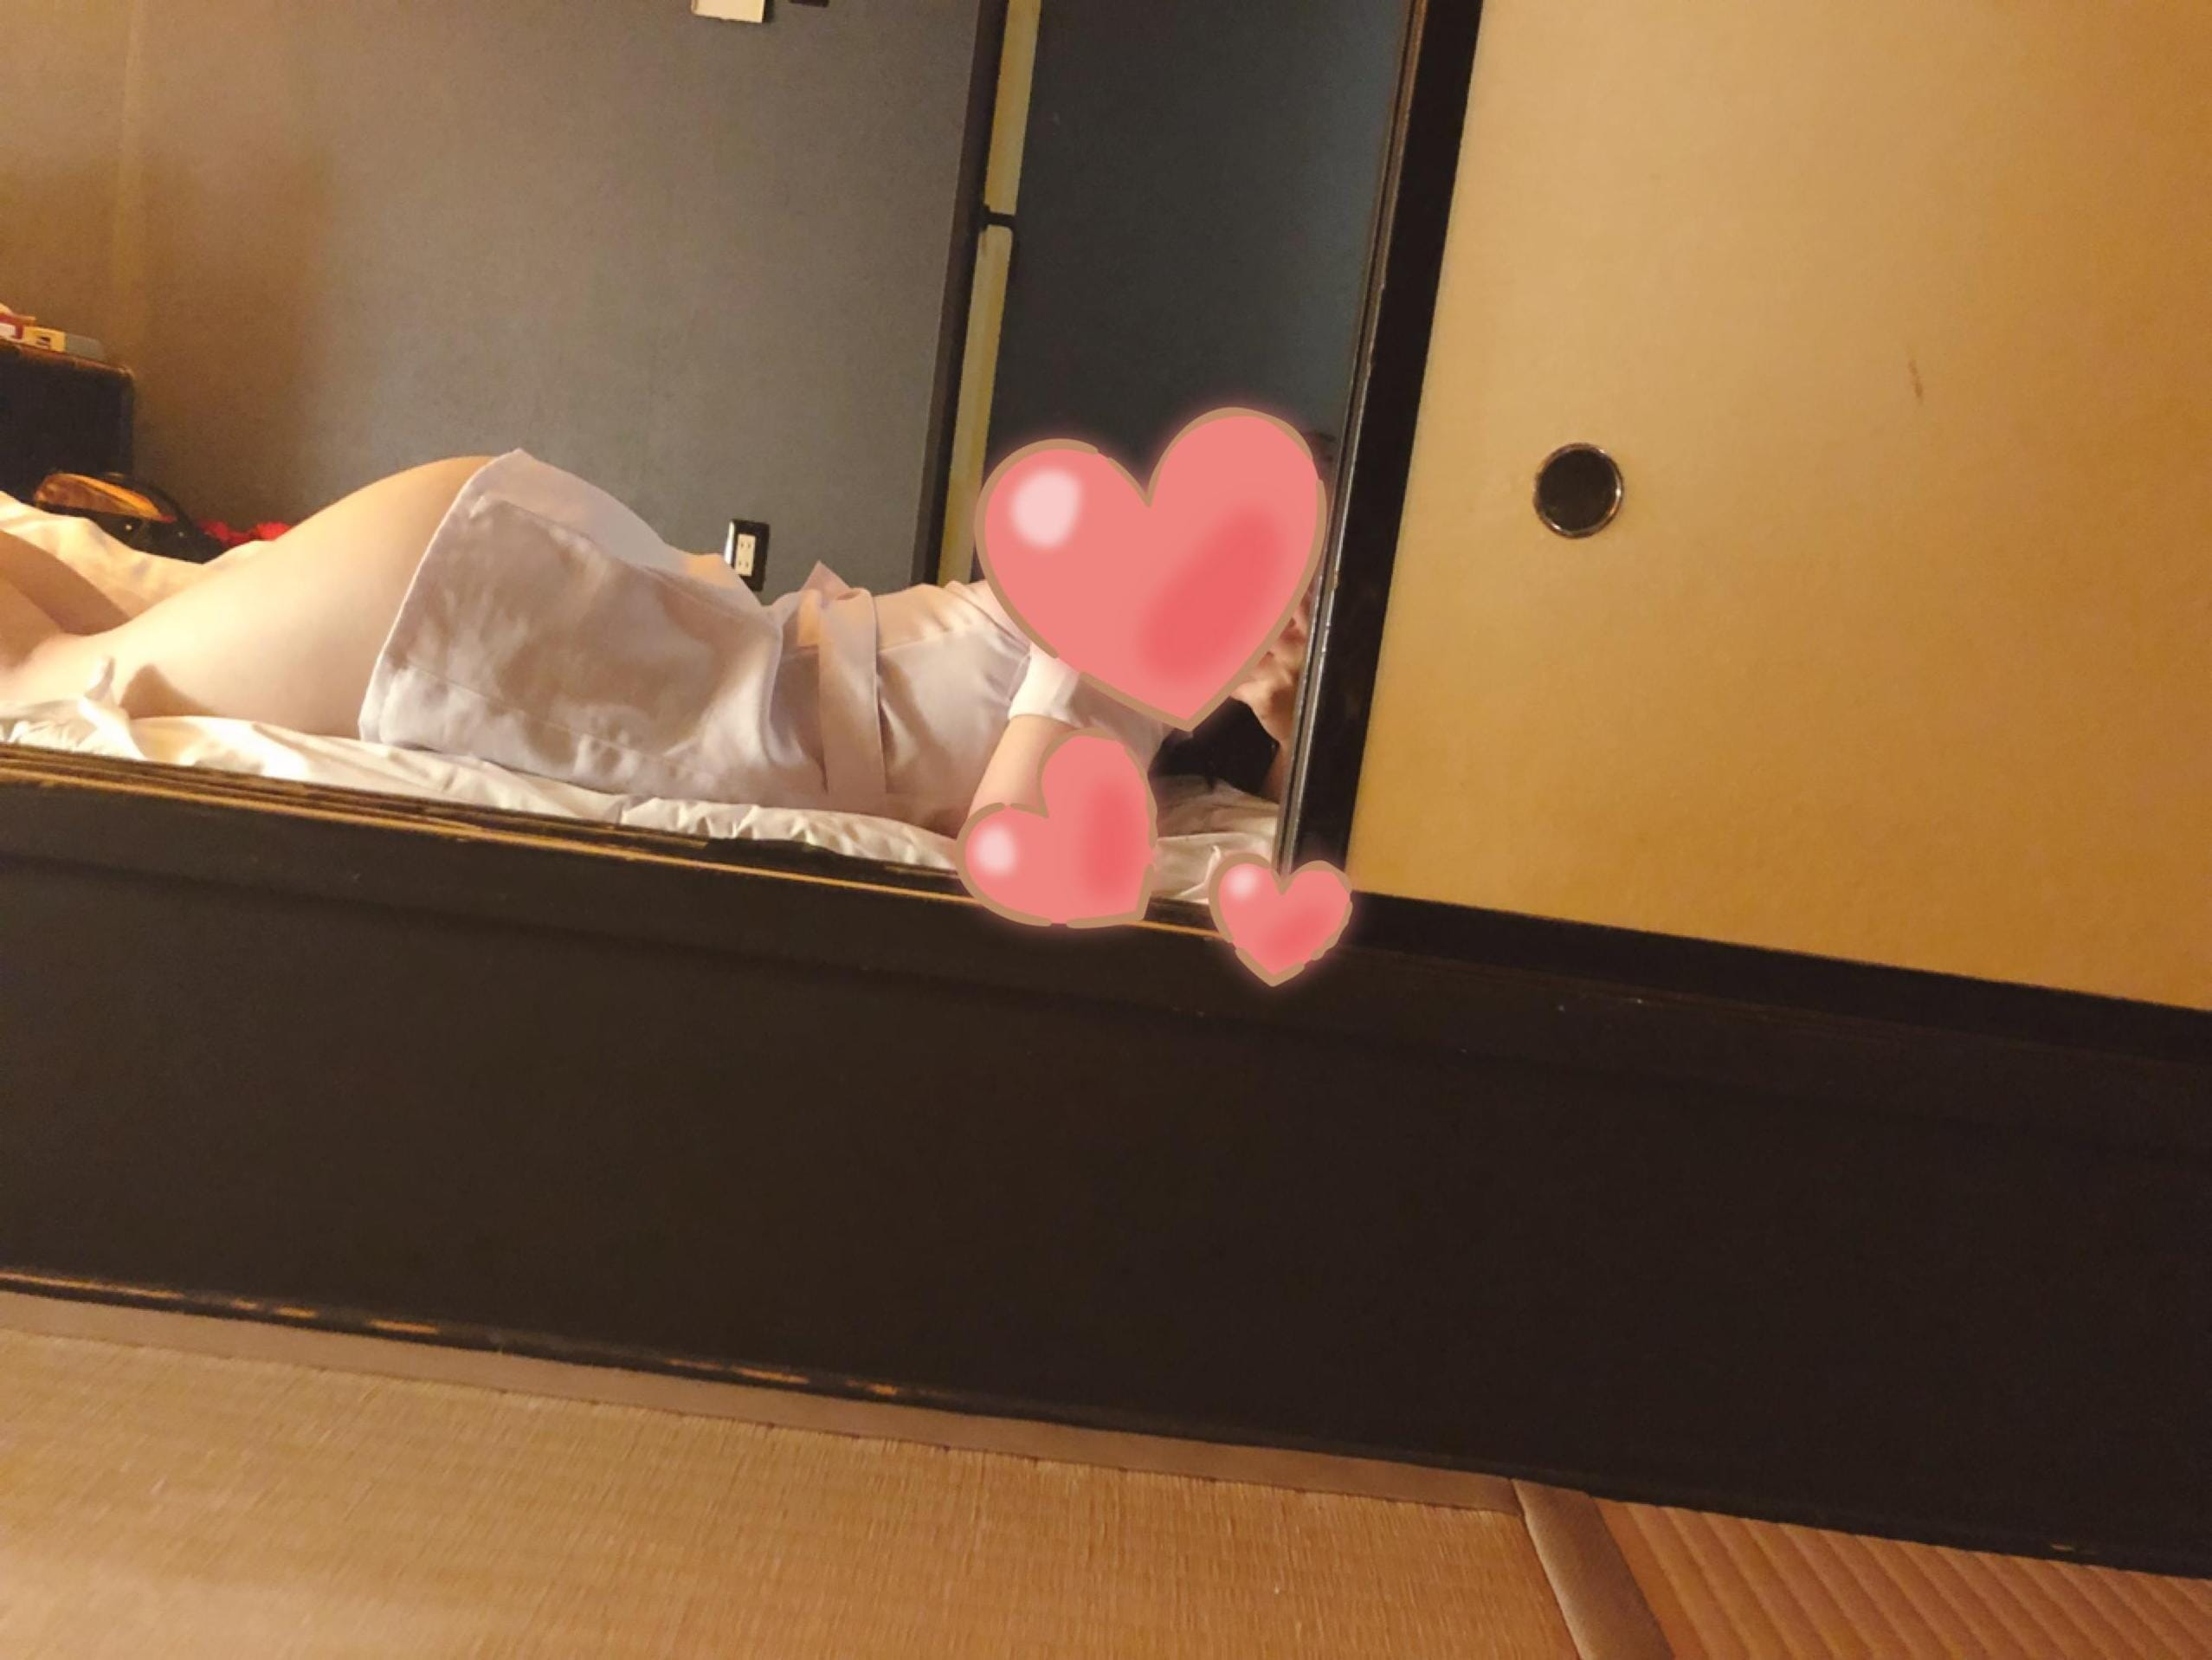 あすみ「お昼くらい」07/16(月) 09:48   あすみの写メ・風俗動画